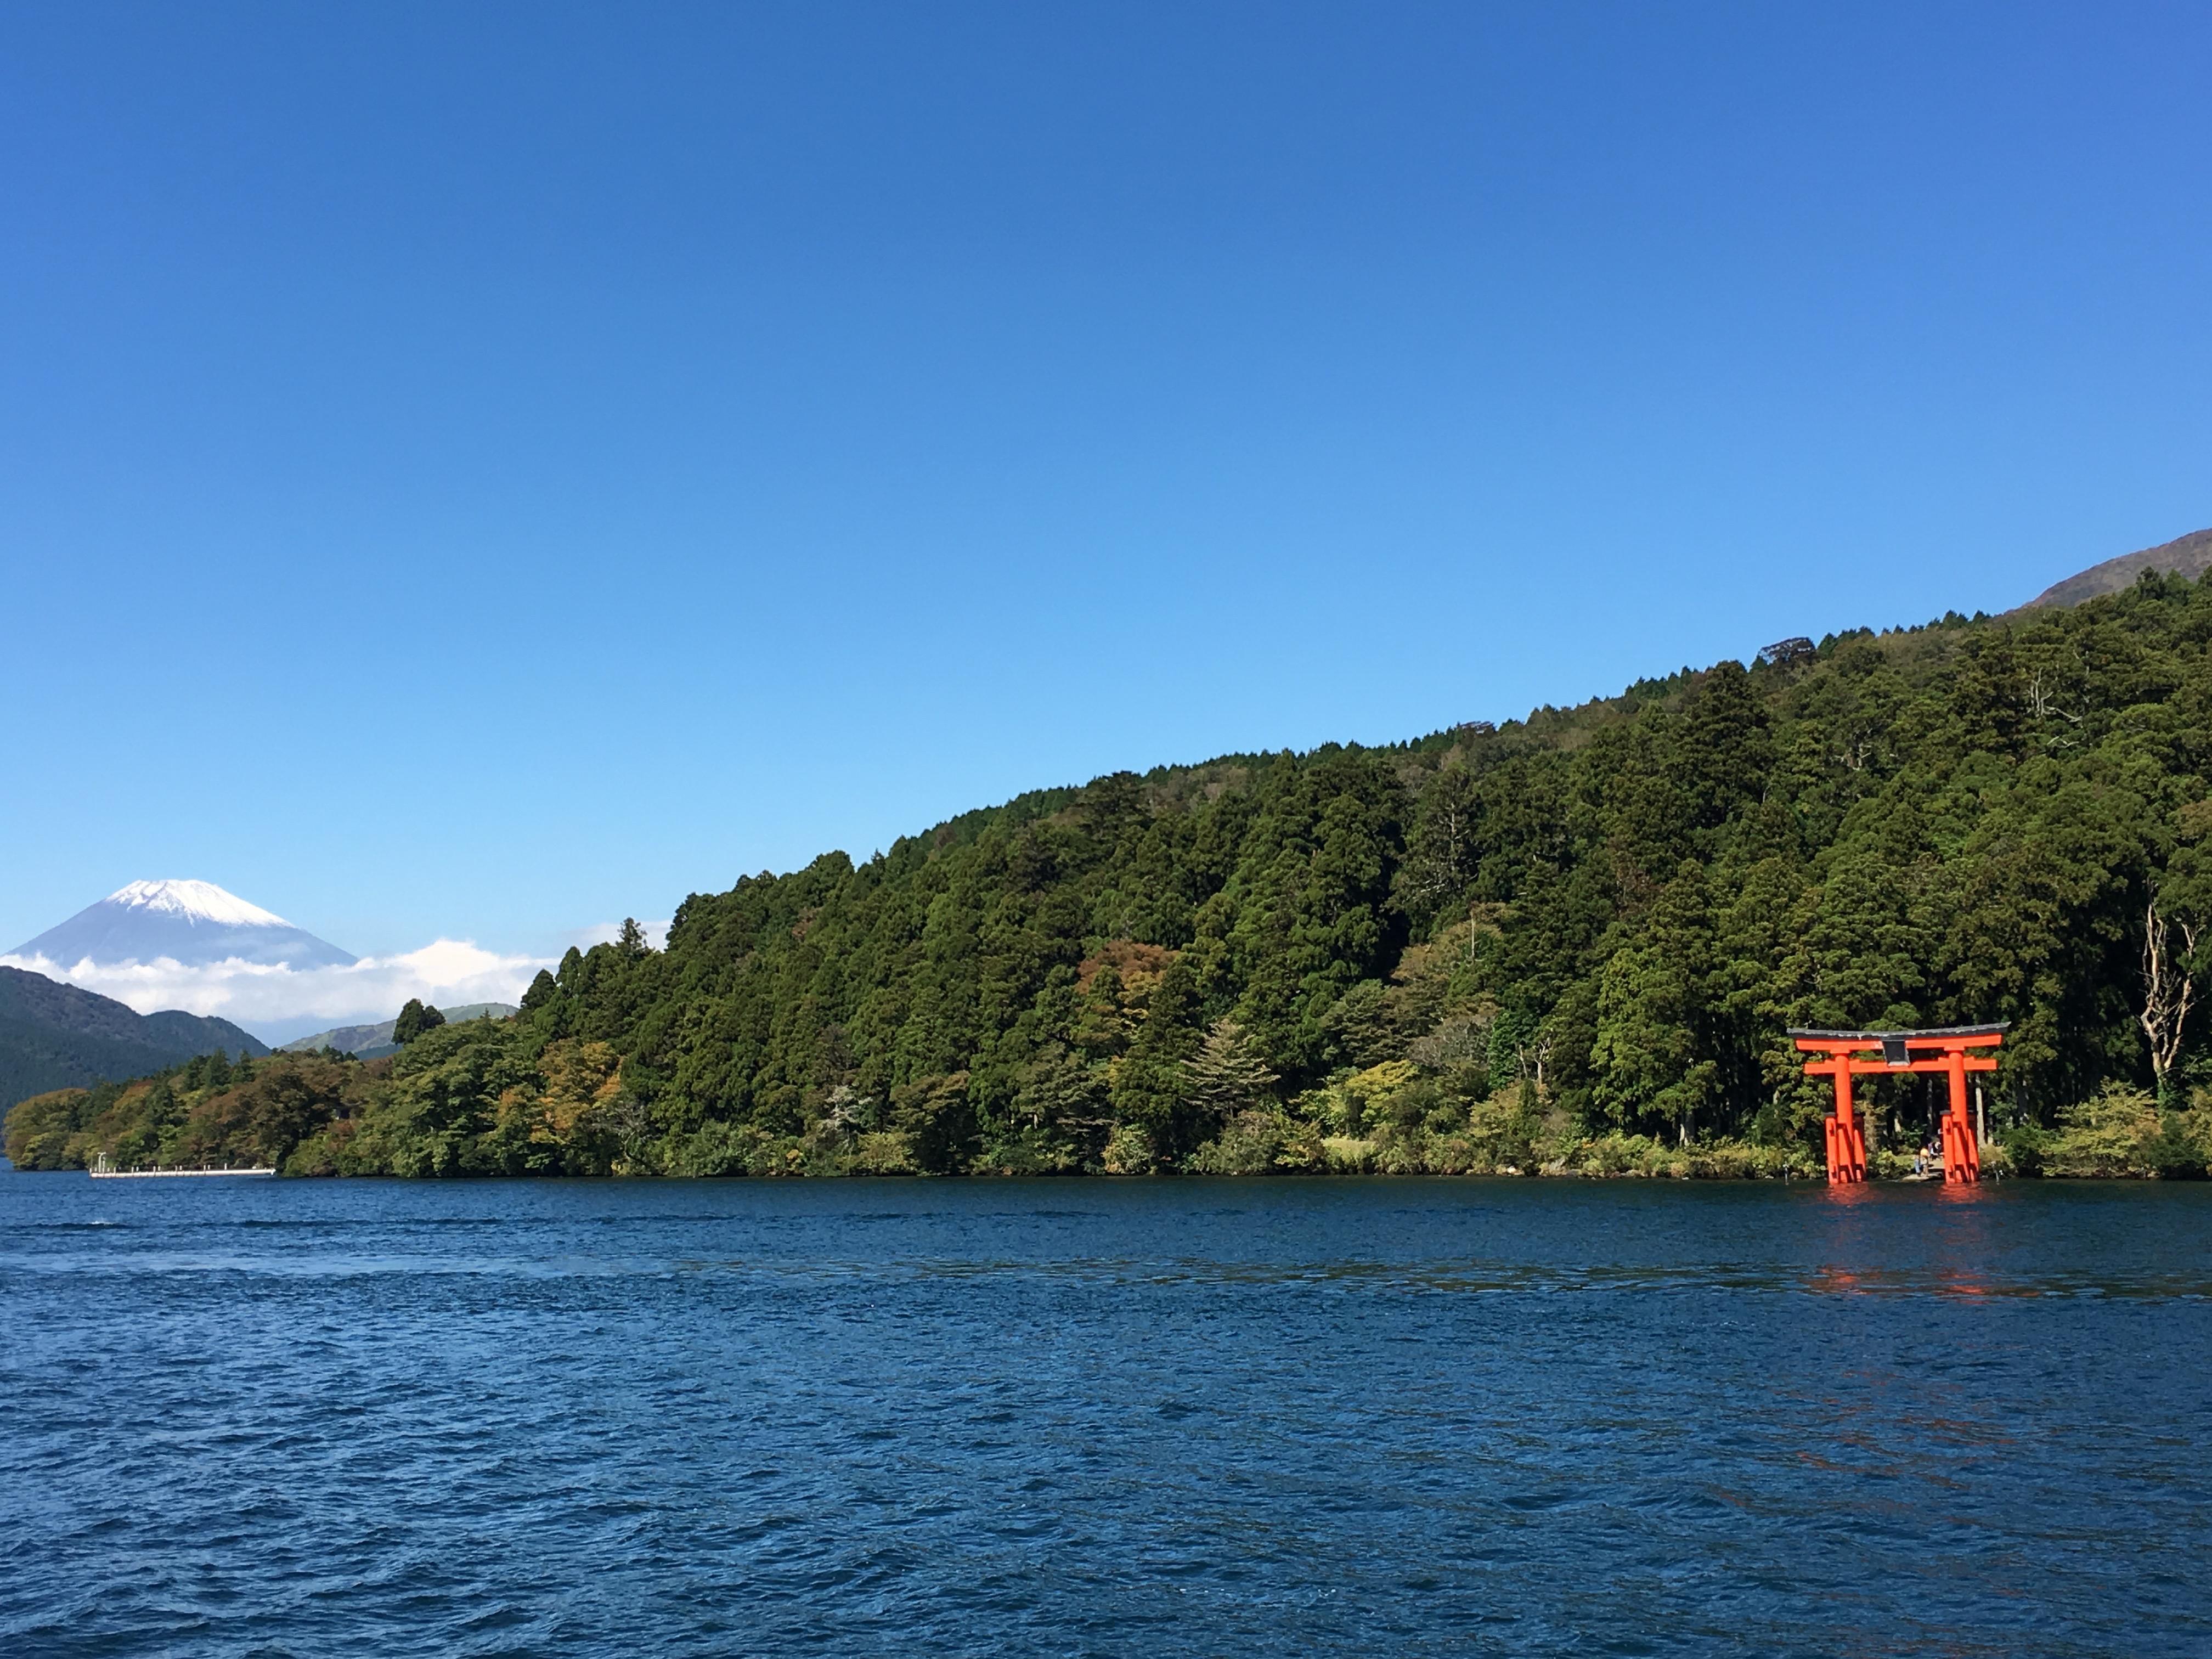 箱根九頭龍神社に参拝したよ。お願い事叶うかな